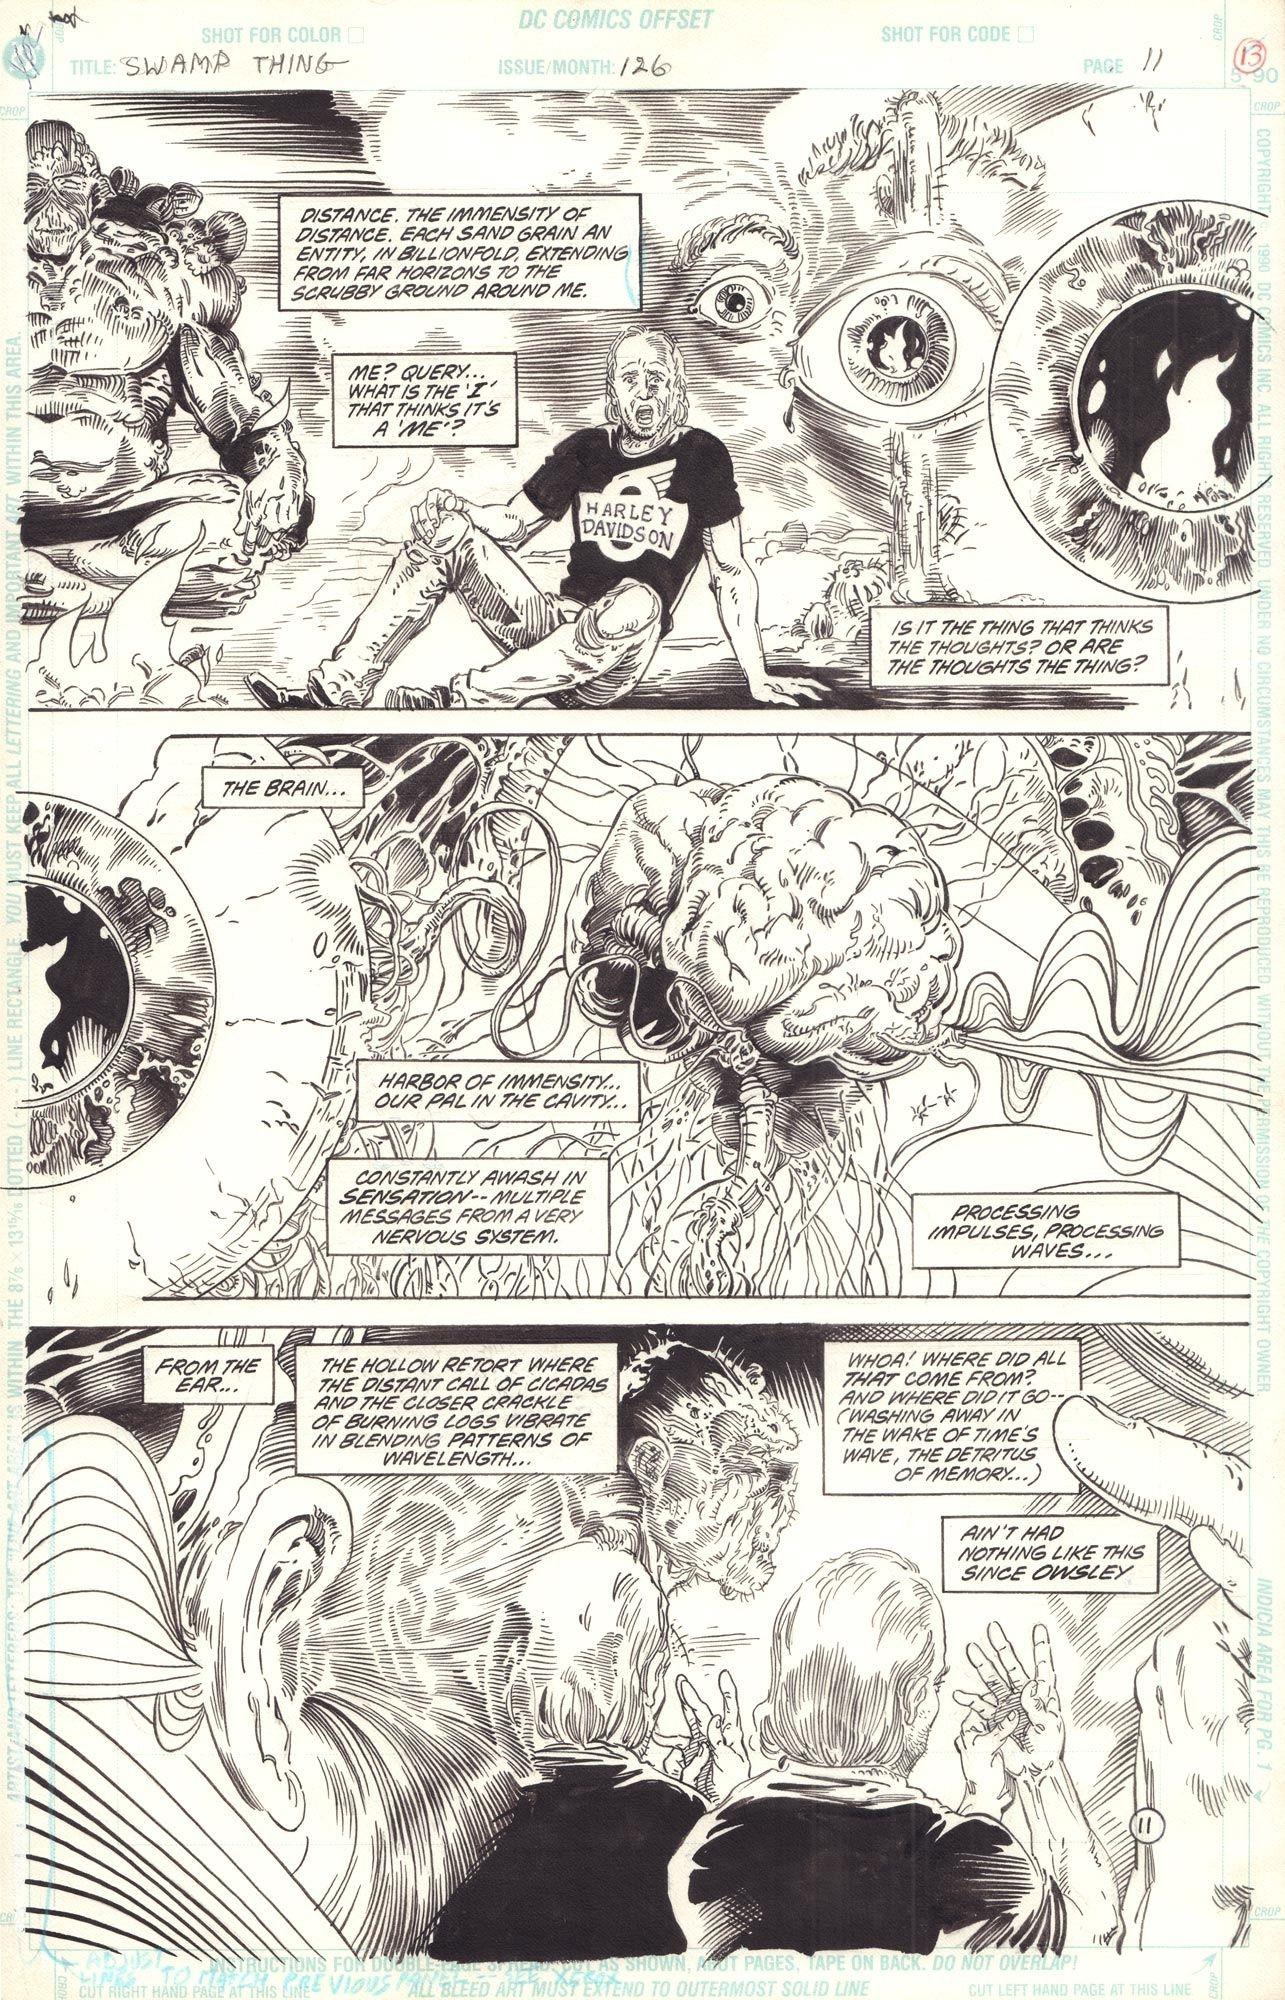 Swamp Thing #126 / 11